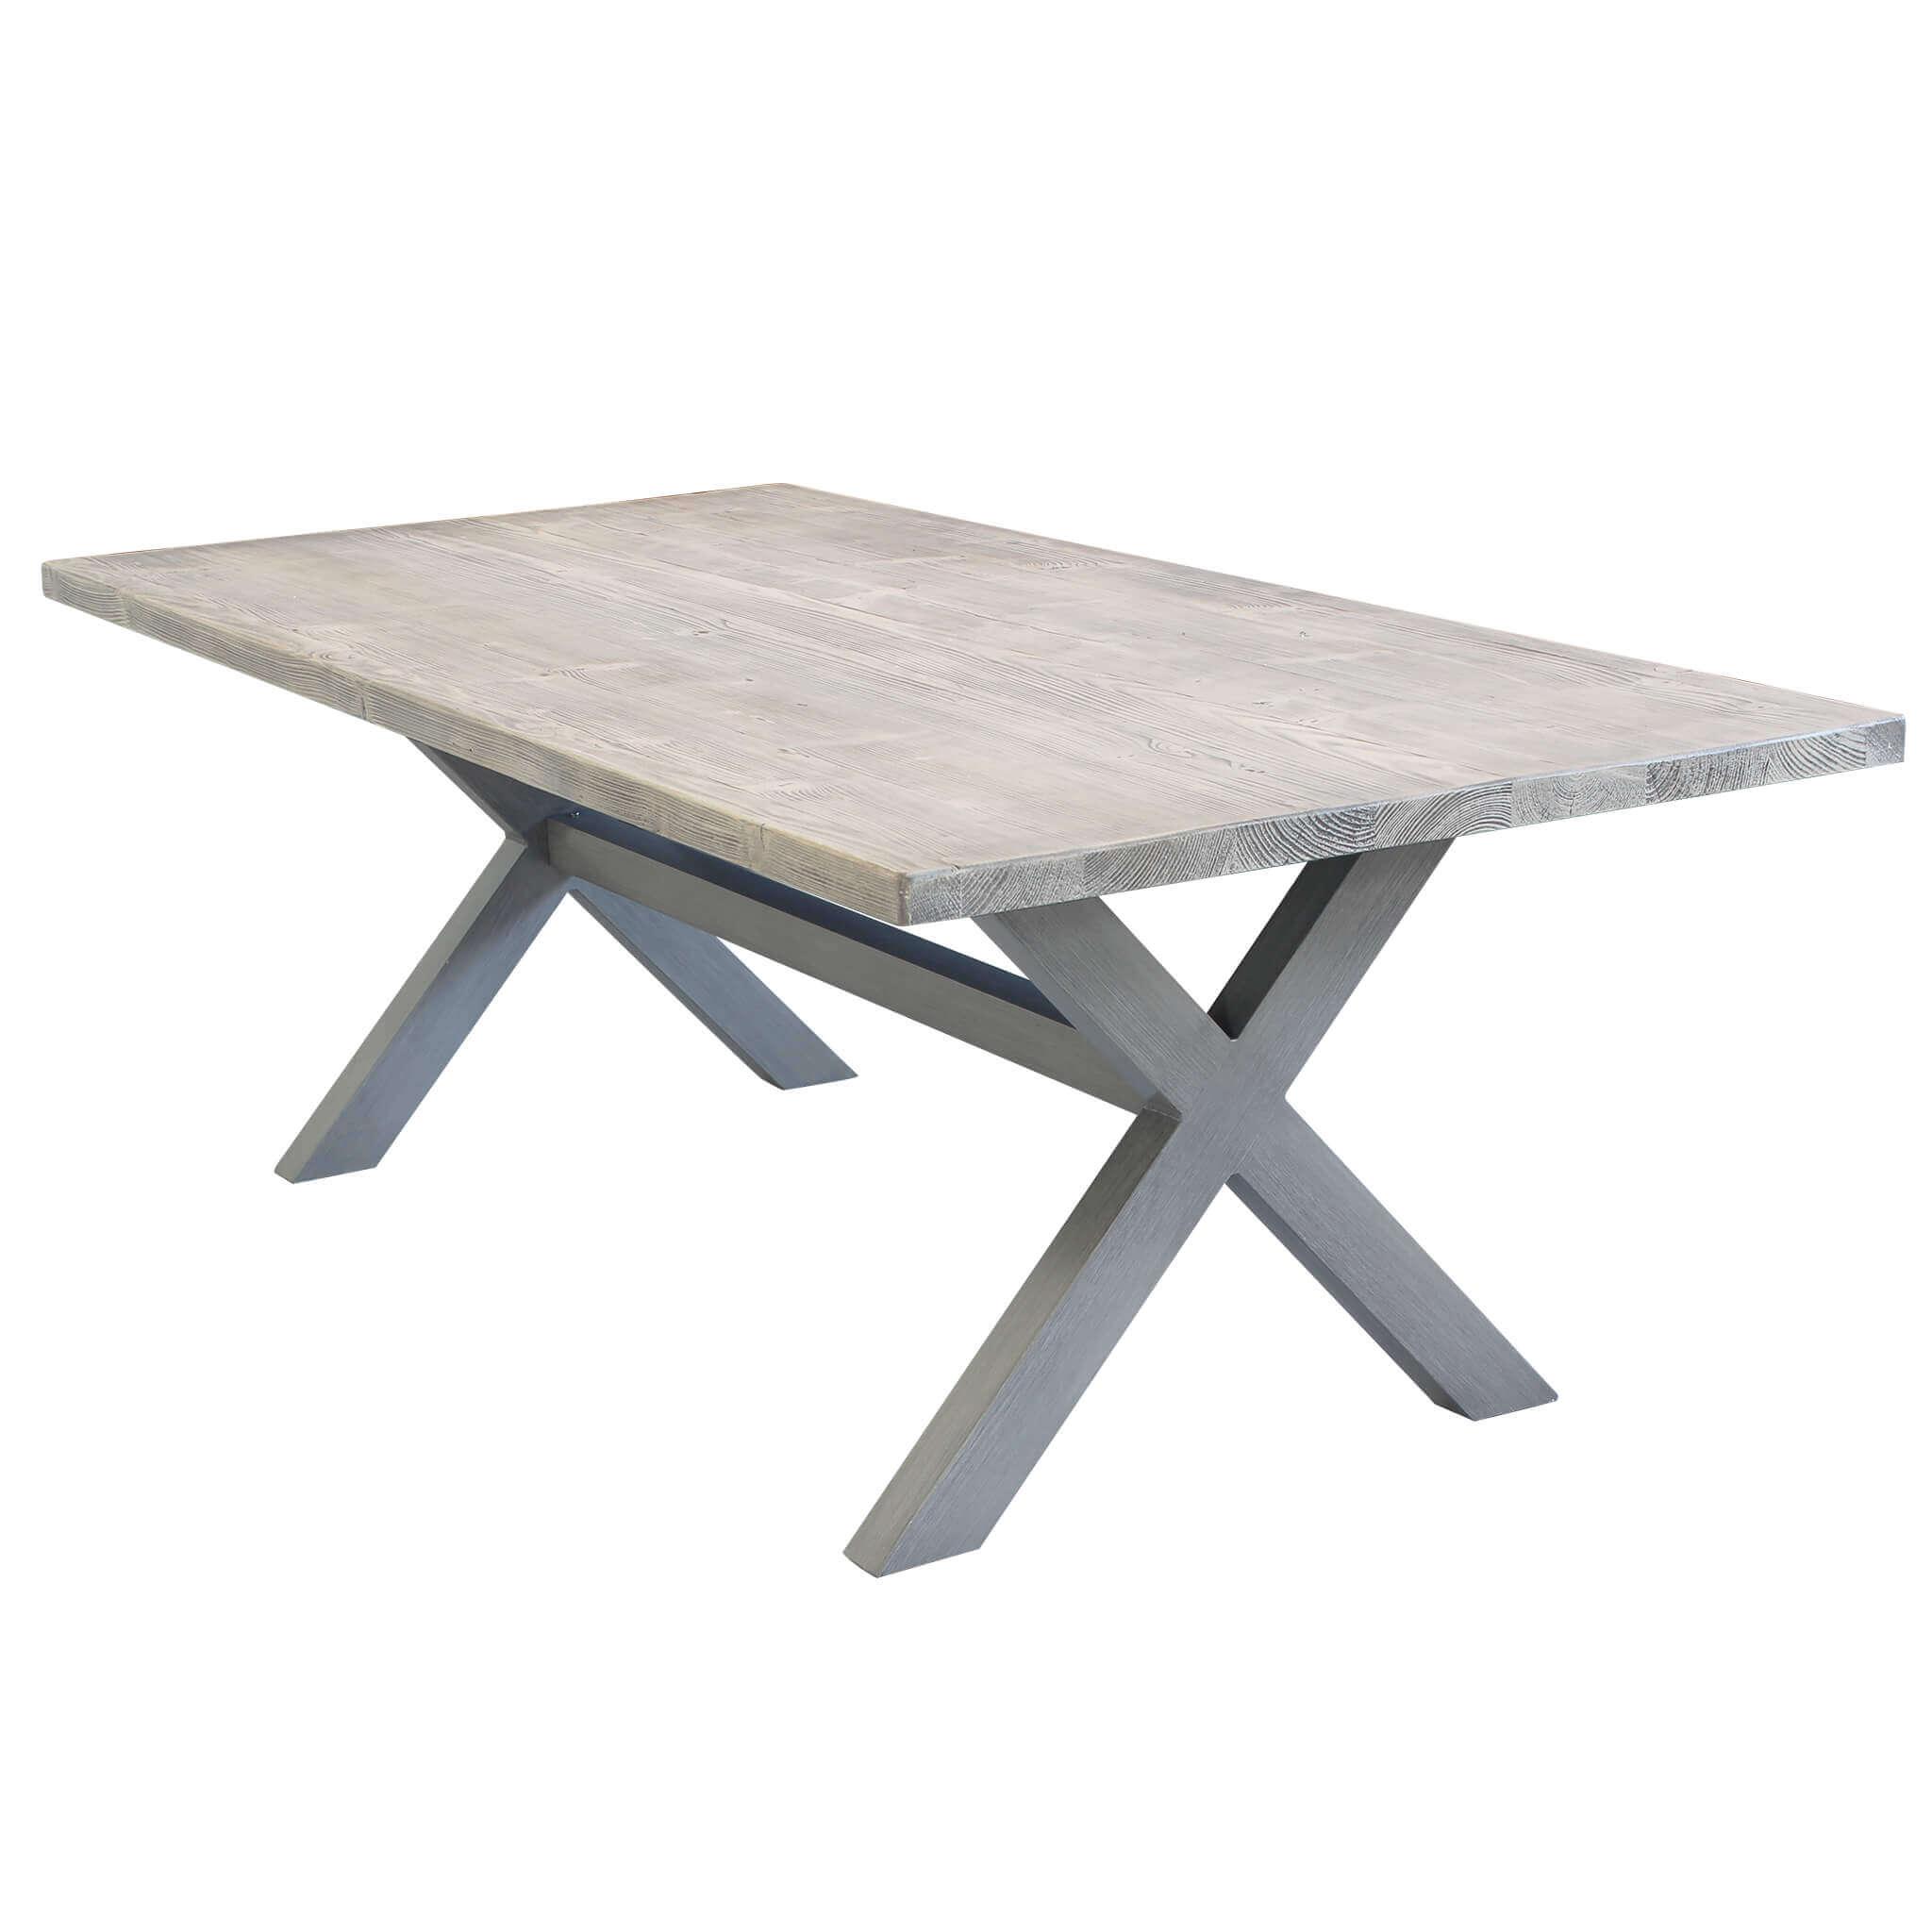 milani home ibex - tavolo da giardino in alluminio e cementite effetto legno 200x100